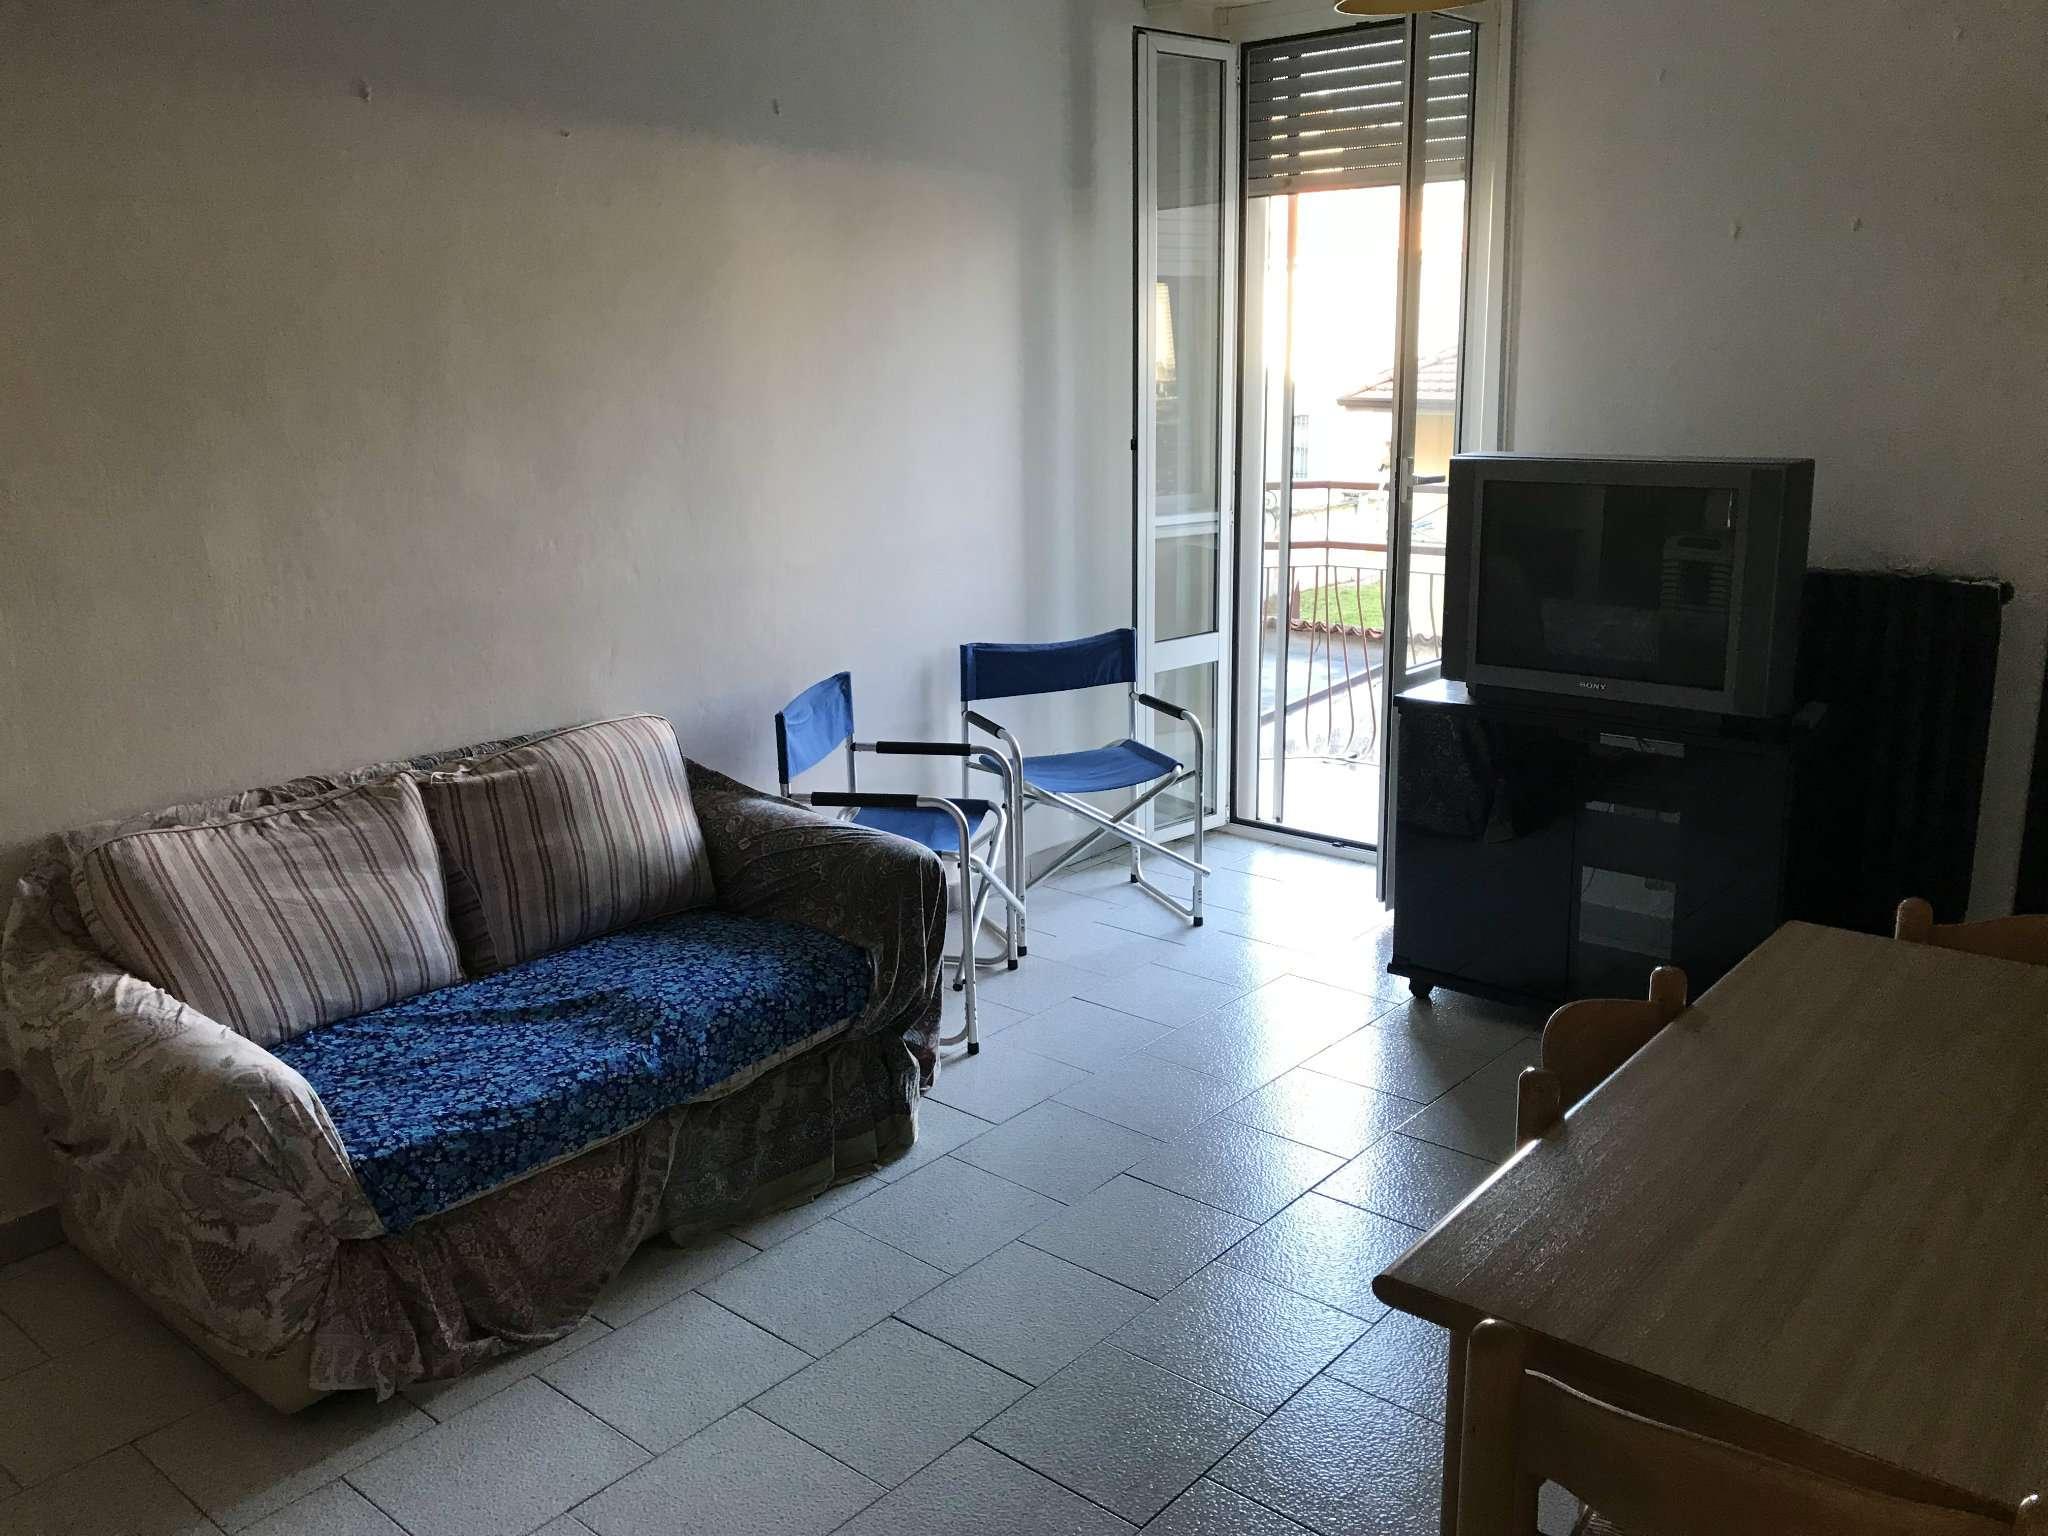 Appartamento in affitto a Bussero, 2 locali, prezzo € 500 | CambioCasa.it